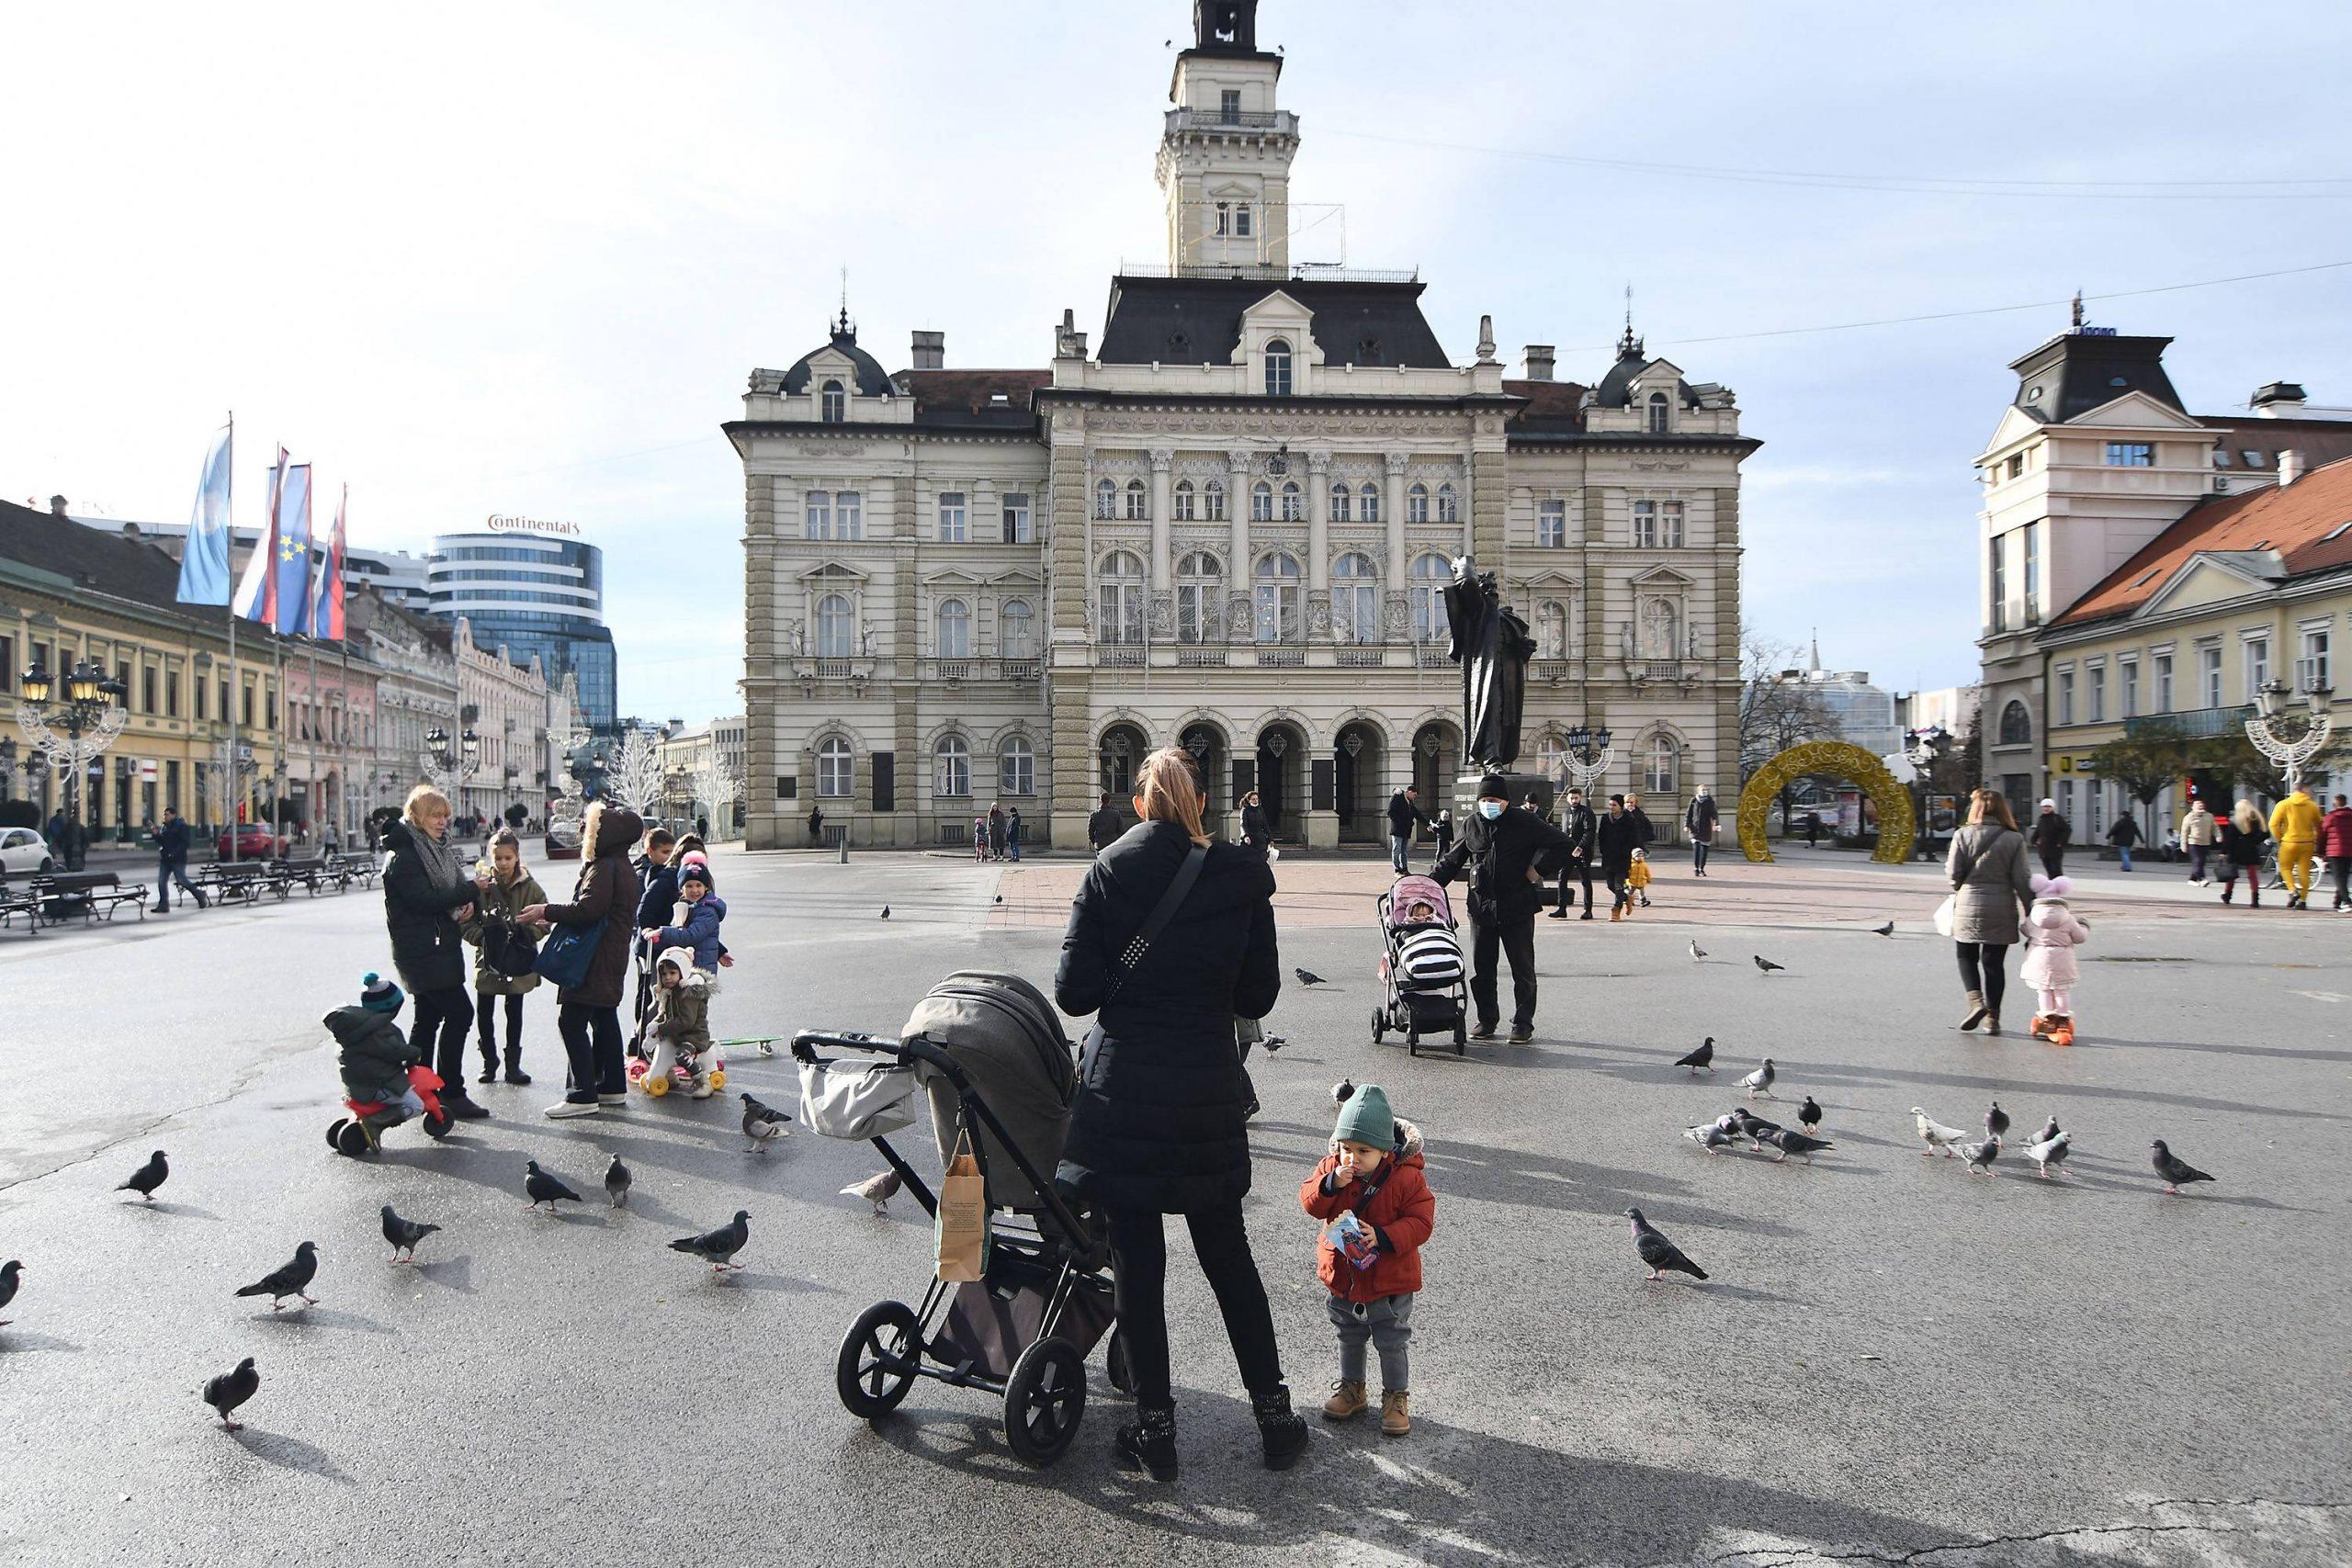 Vojvođanski klub: Negacija antifašizma u Srbiji traje pune tri decenije 1